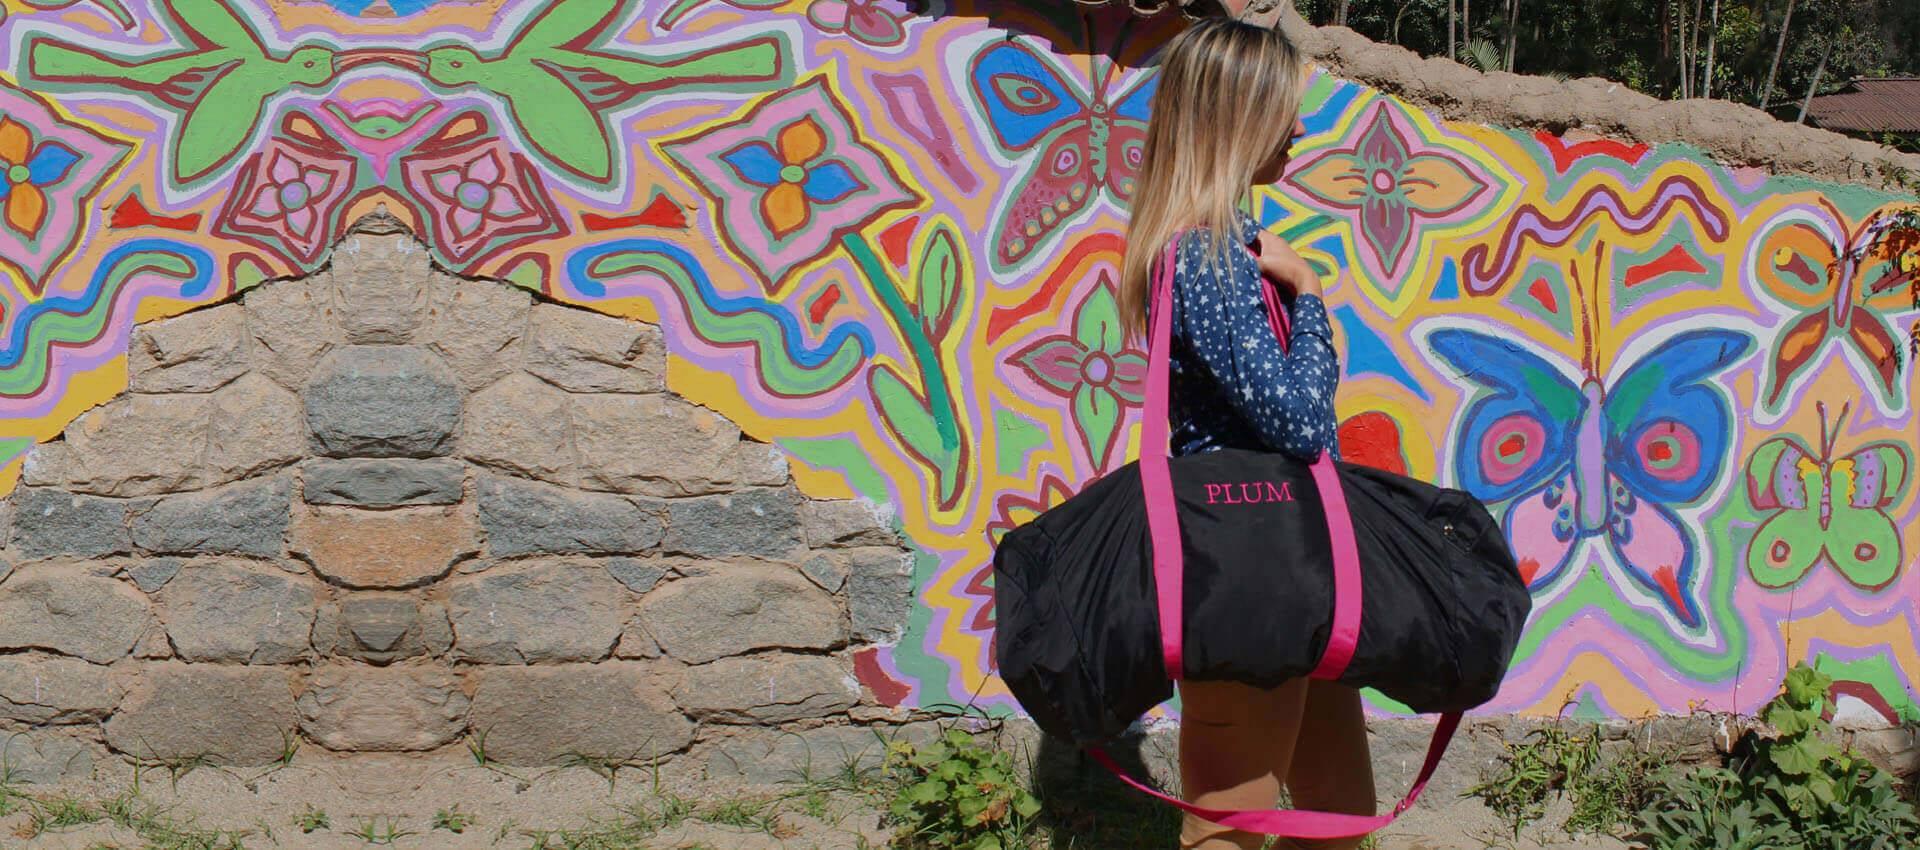 carteras_de_cuero-carteras_para_mujer_weekend-carteras _de_cuero_lima_peru-plum